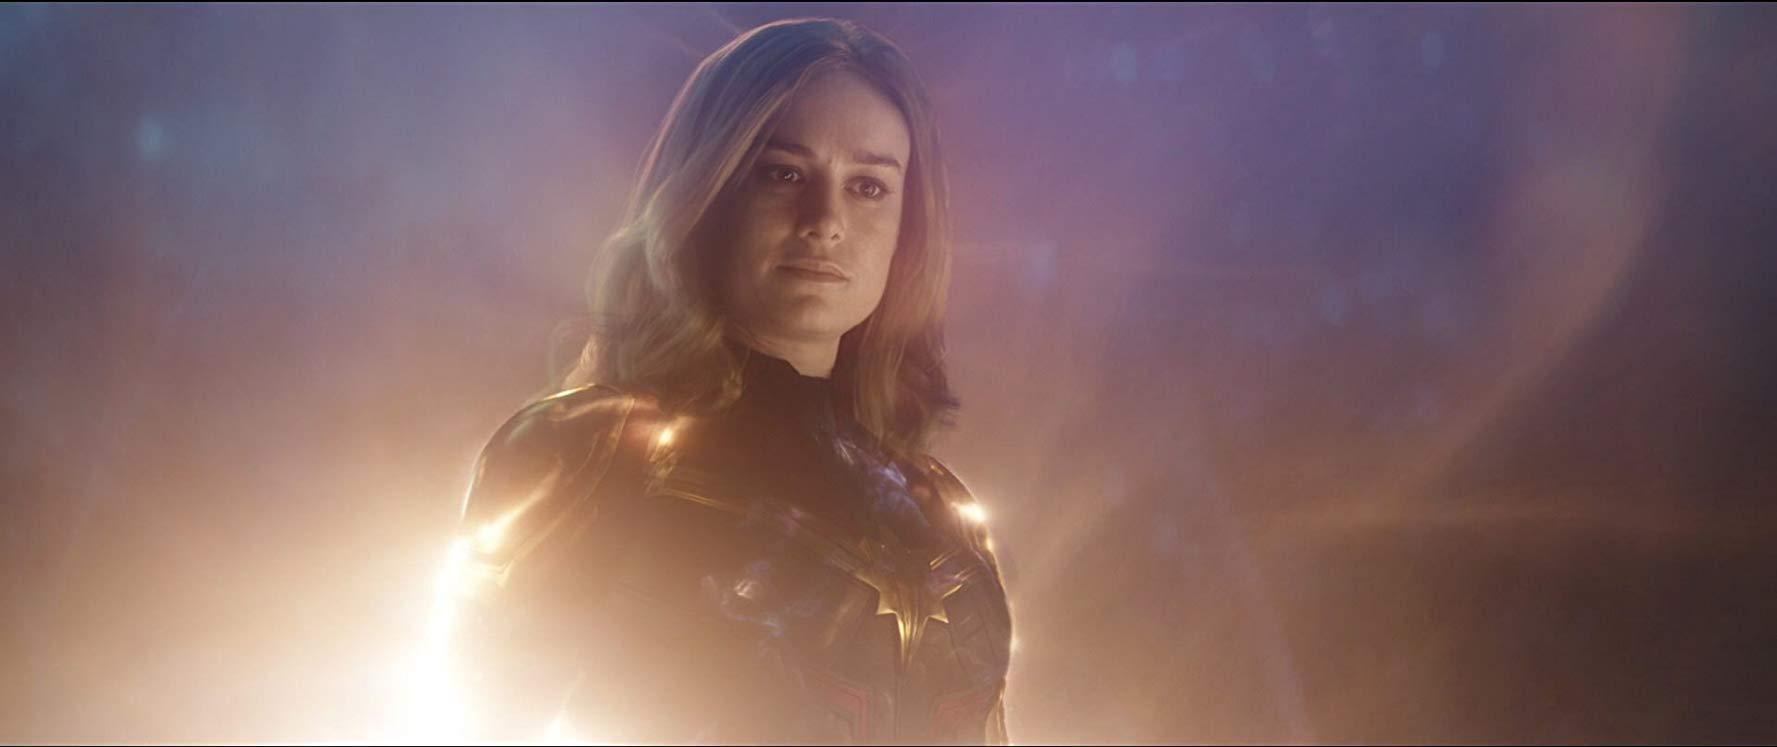 Vingadores: como Capitã Marvel poderia derrotar Thanos?